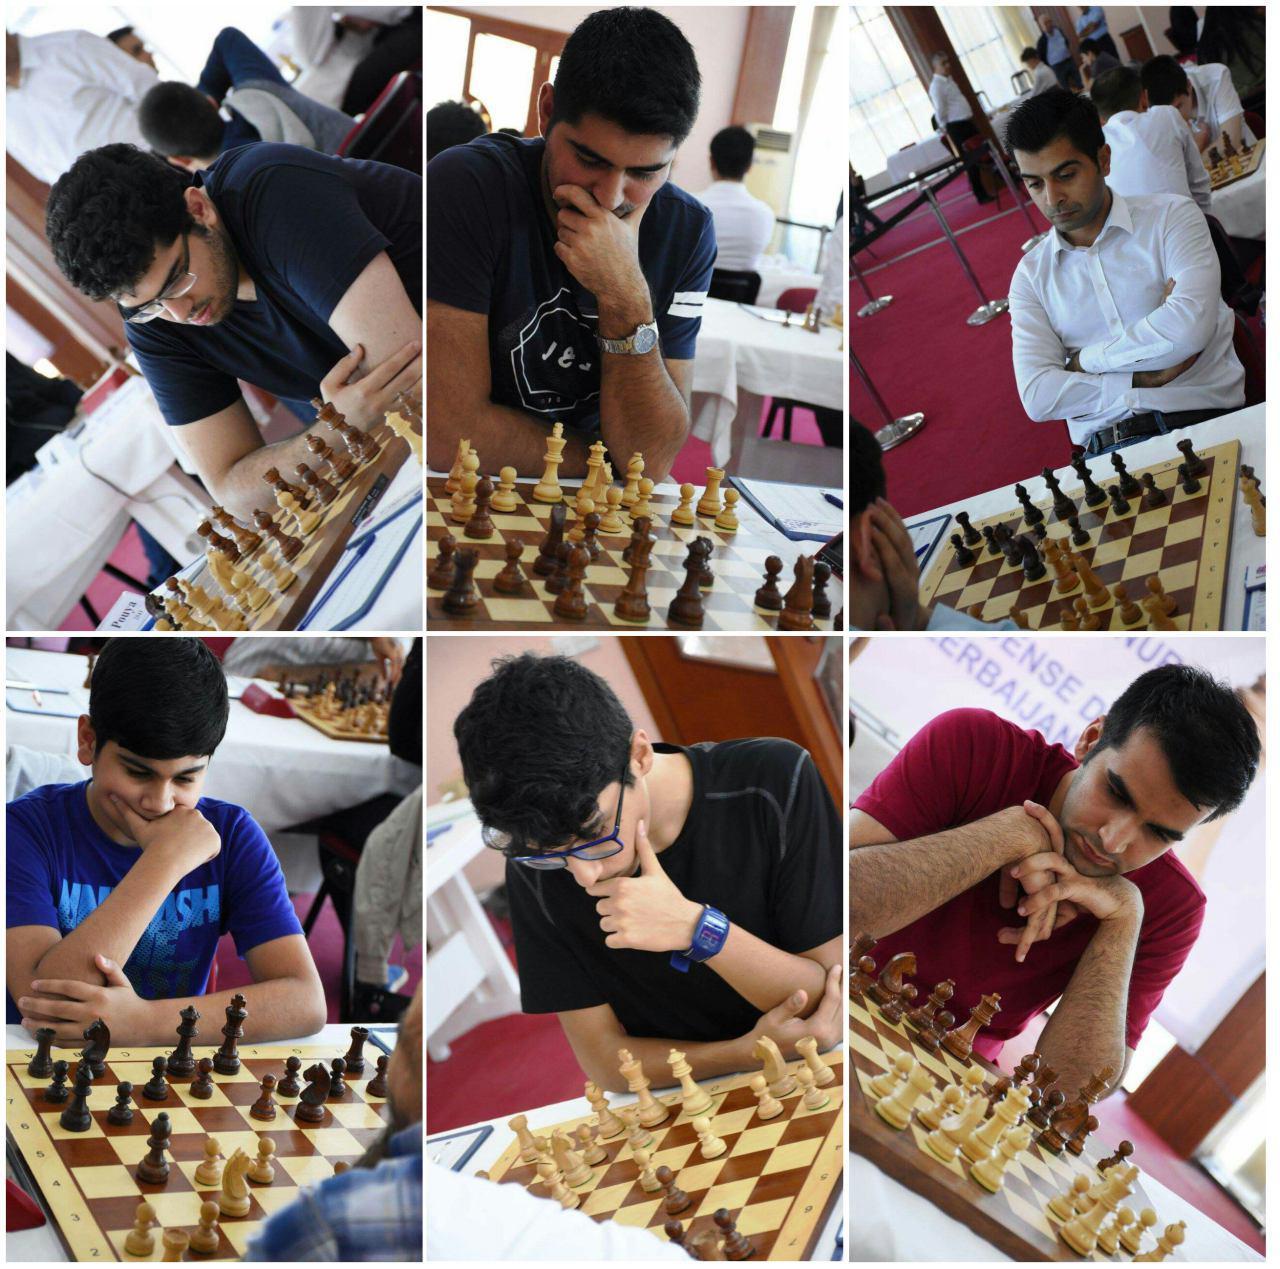 مسا بقات آزاد باکو با حضور تعدادی از شطرنجبازان ایران